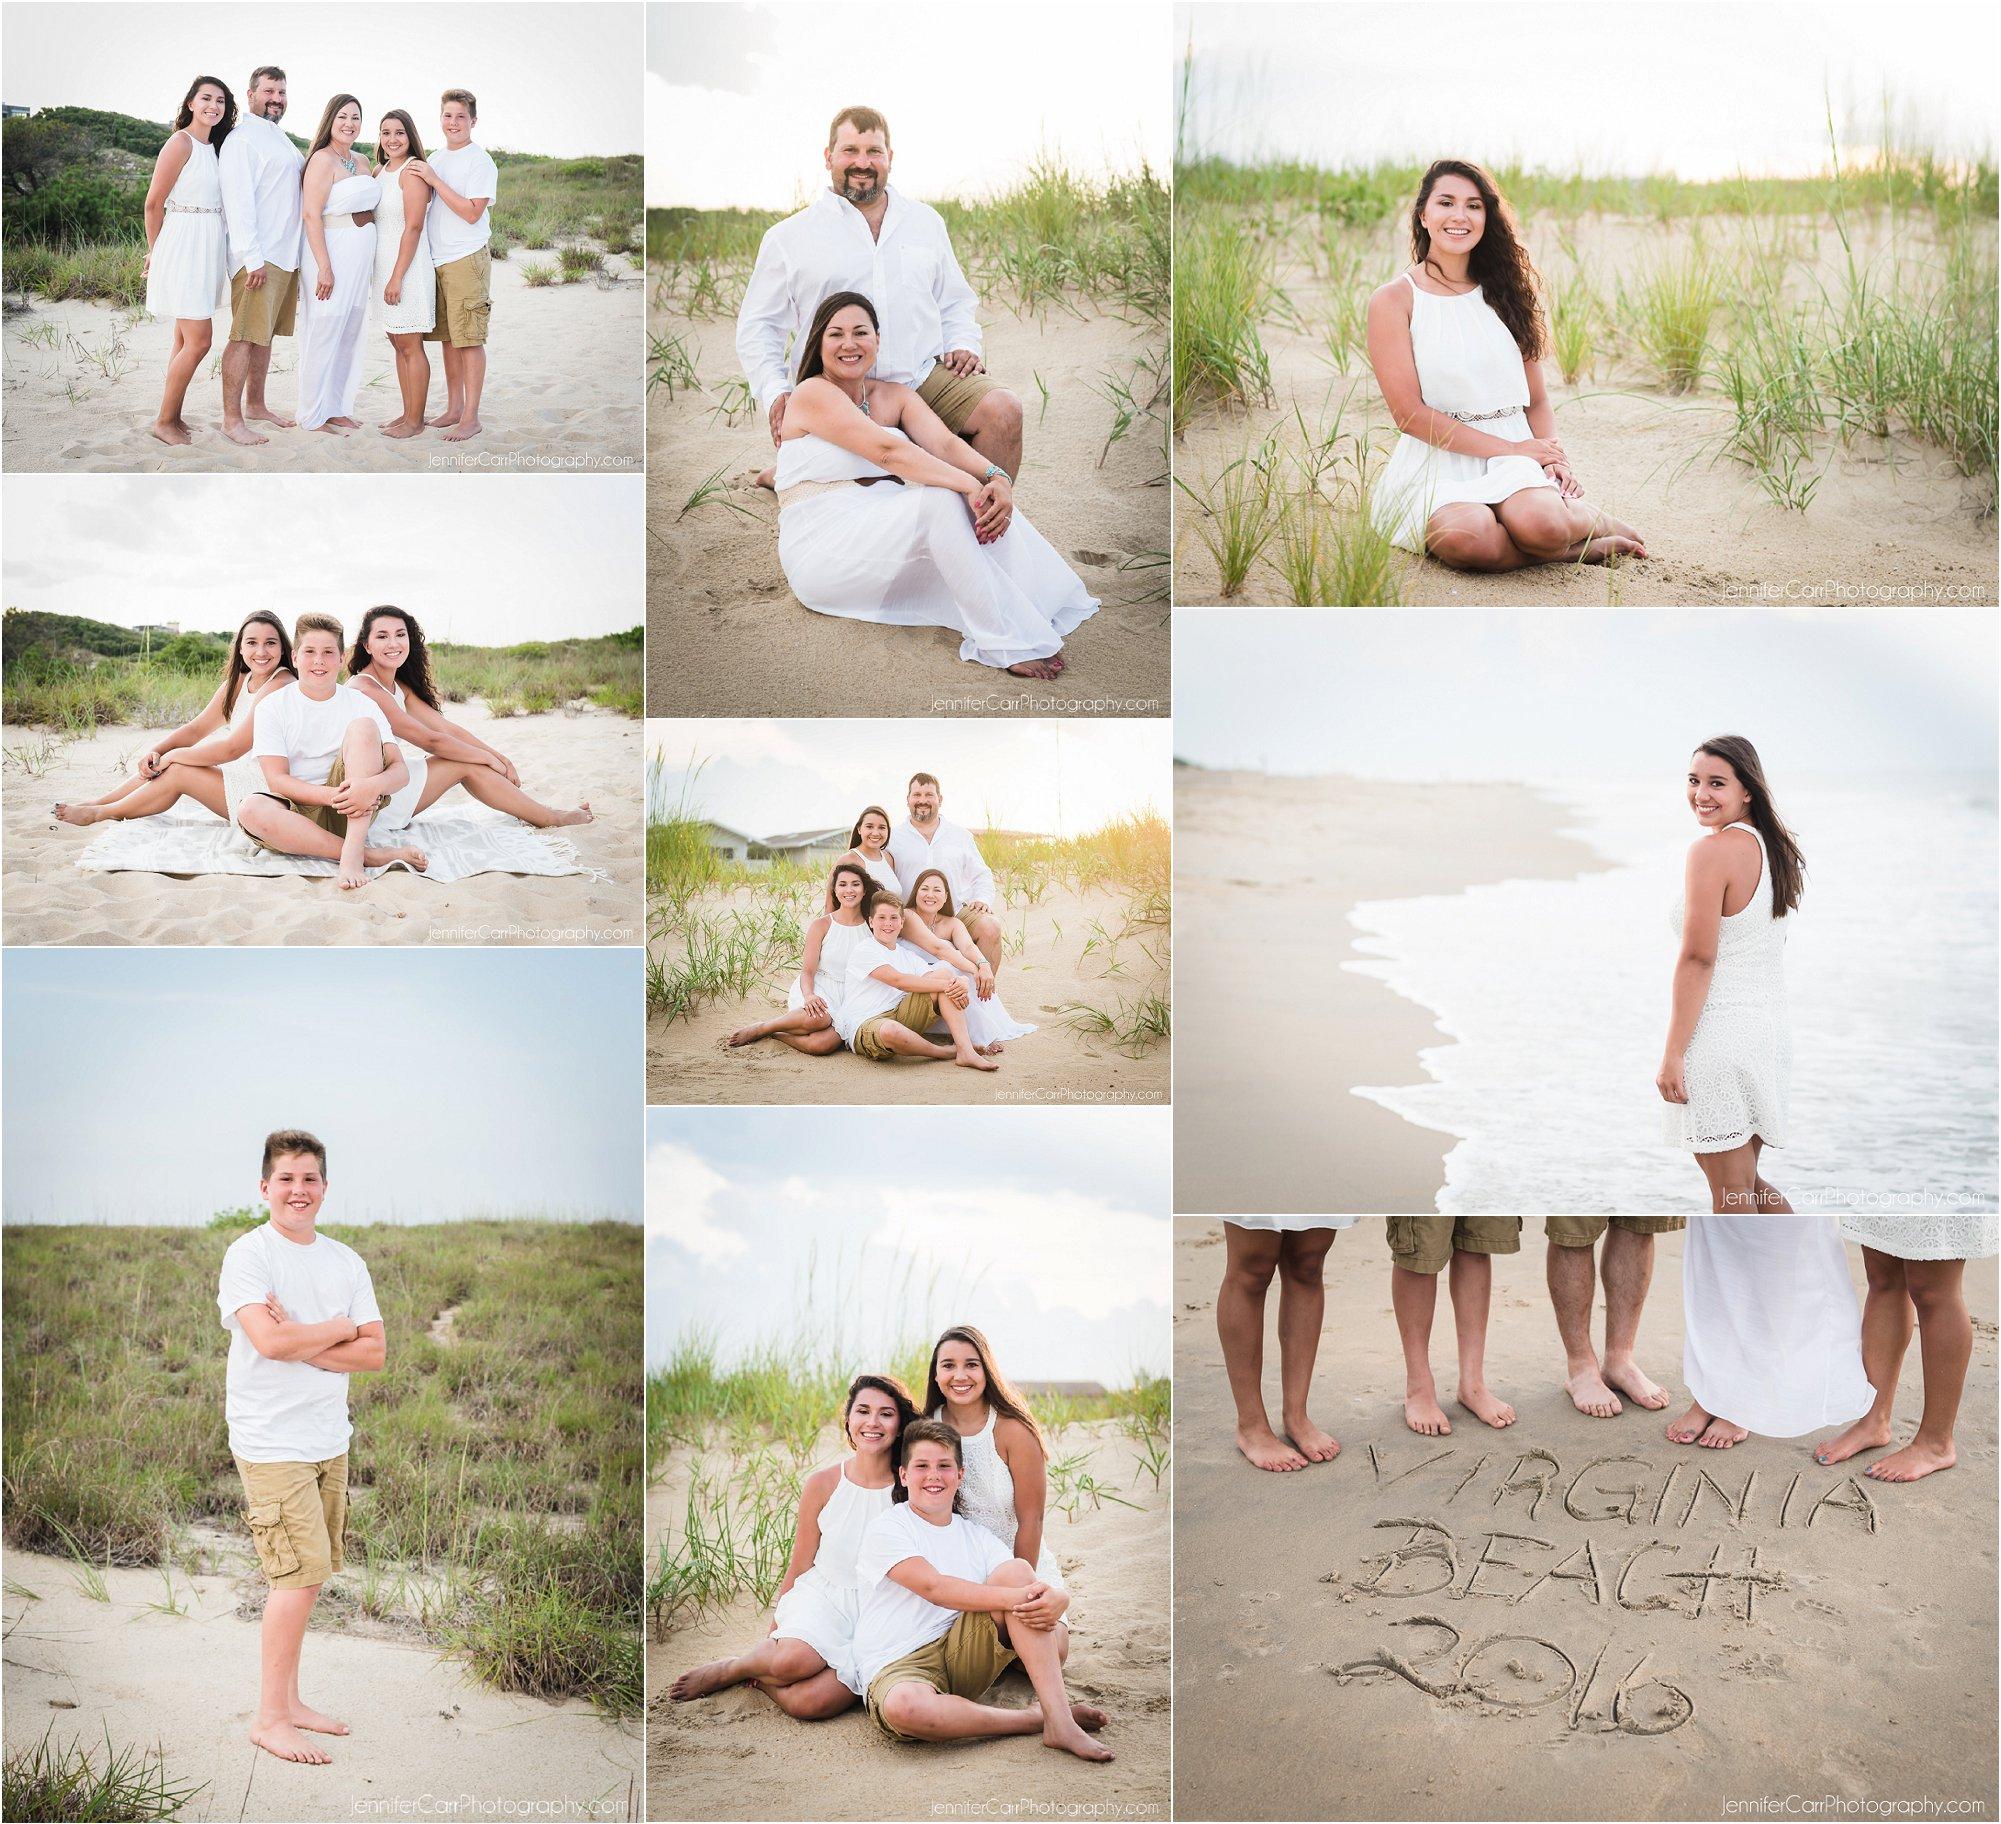 弗吉尼亚海滩家庭肖像,詹妮弗卡尔摄影,北端照片,